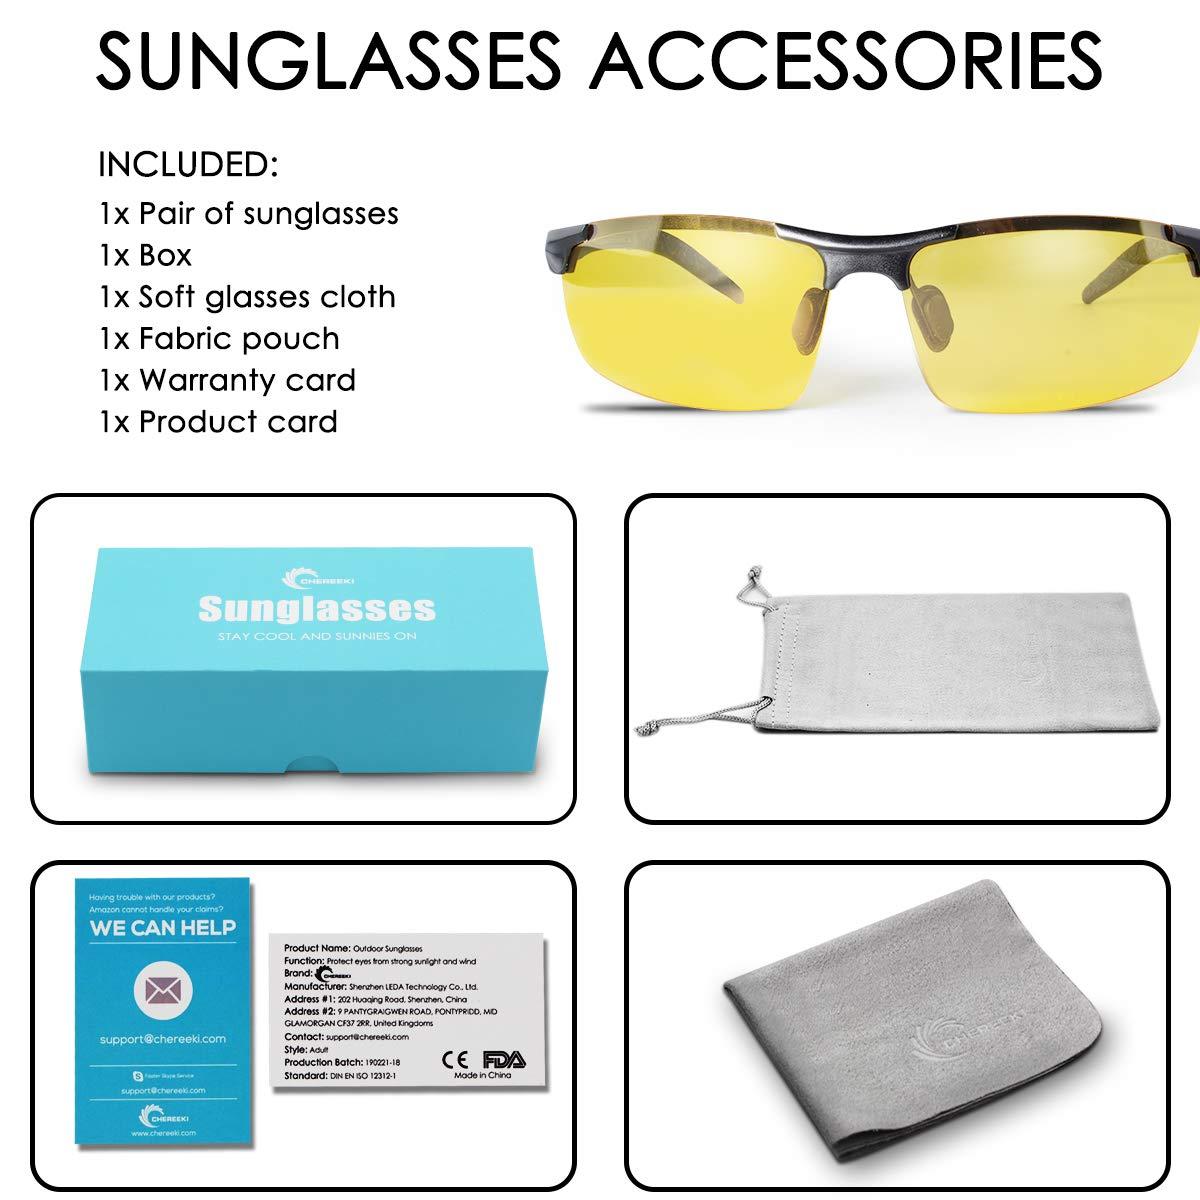 CHEREEKI Occhiali da Sole Occhiali da Sole da Uomo con Lenti Visione Notturna Polarizzati UV400 per Guida Esterno